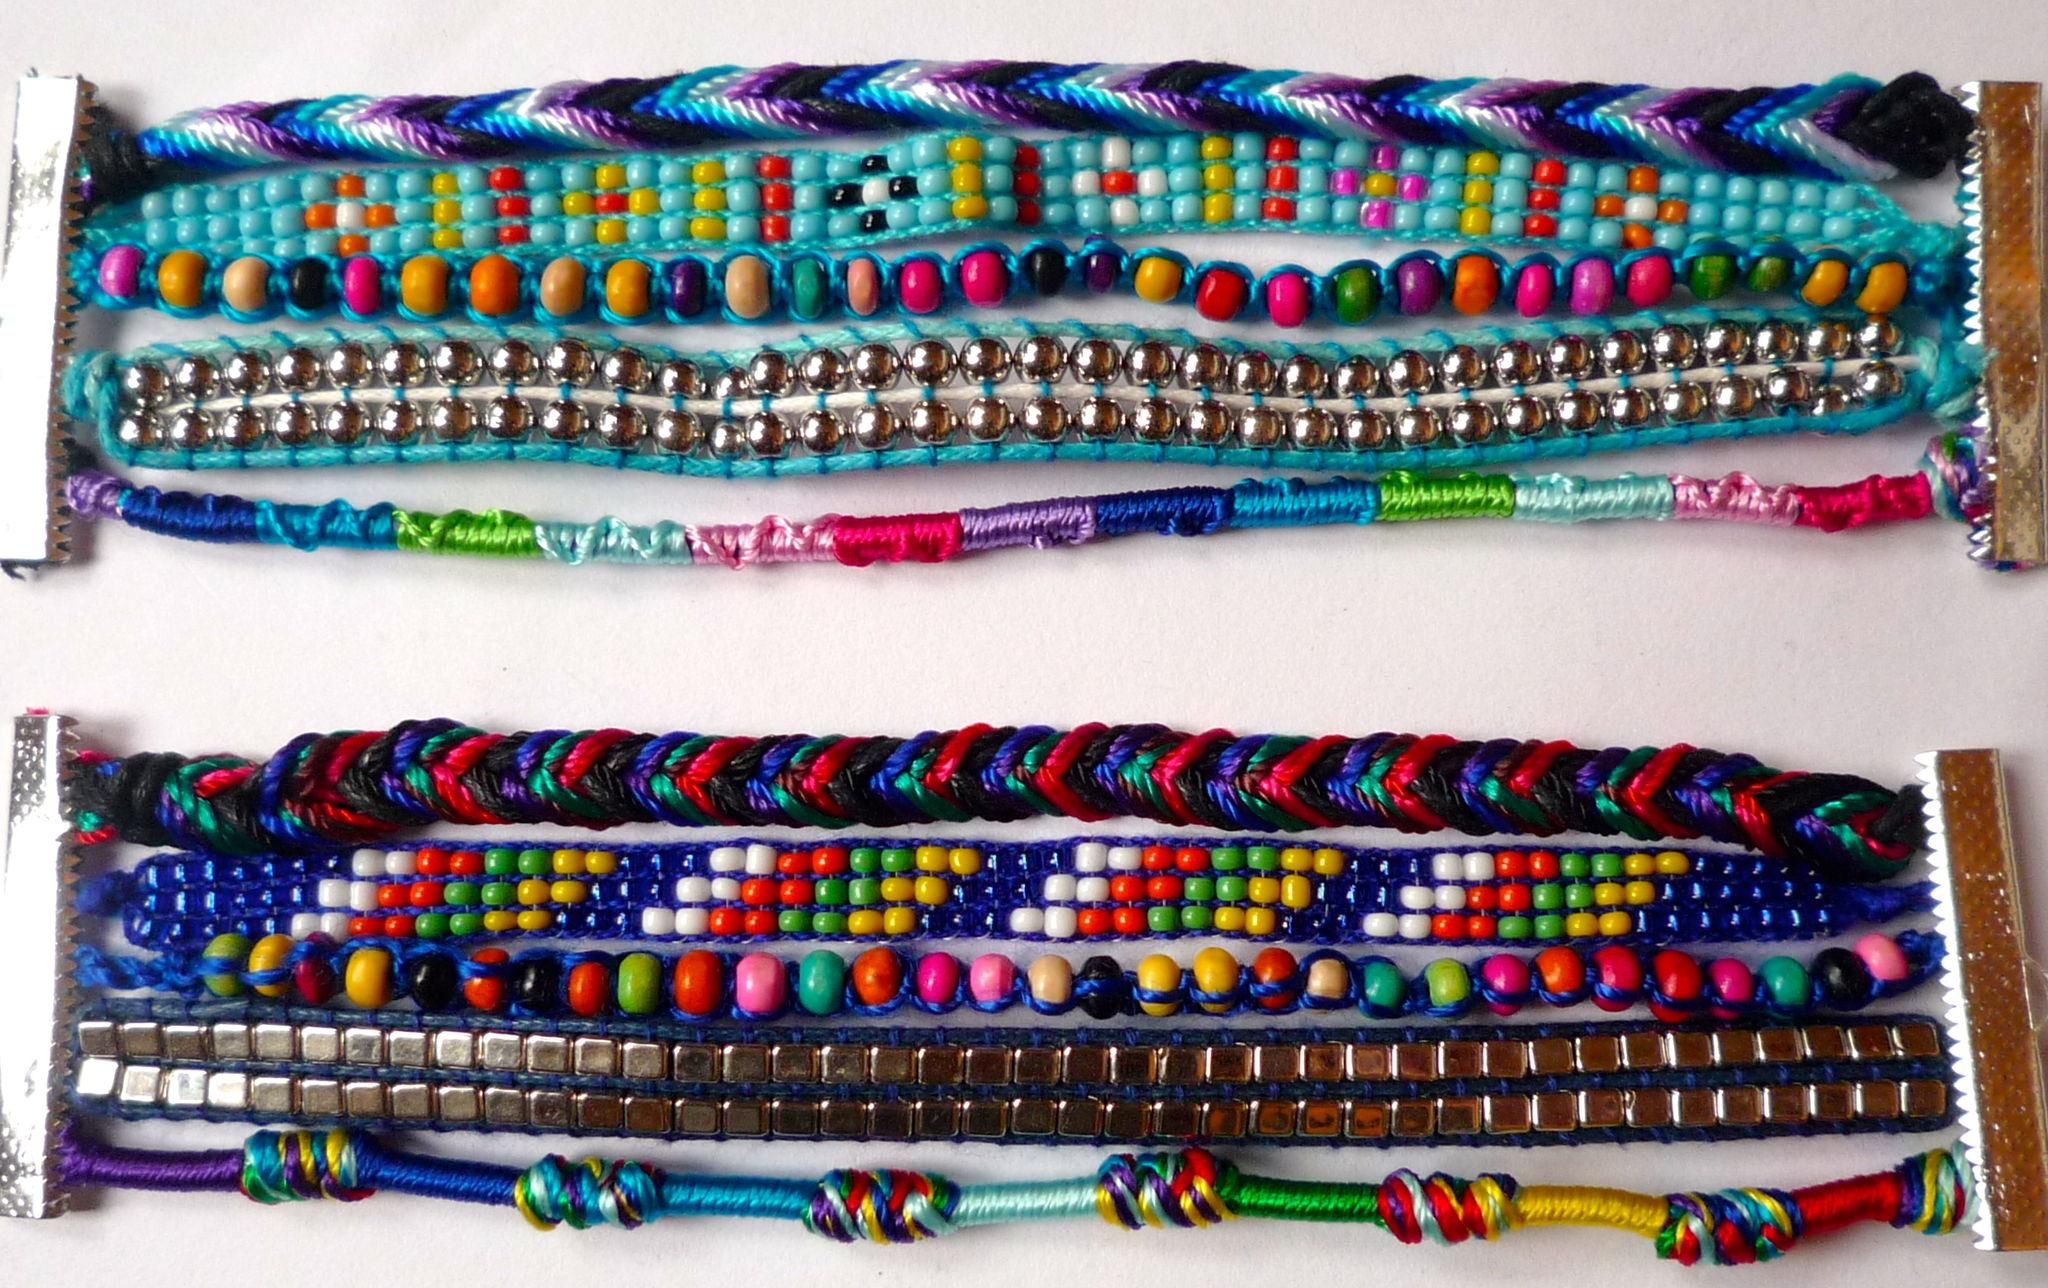 Manchette Brésilienne - Bracelets Brésiliens 'Hipanema Style'